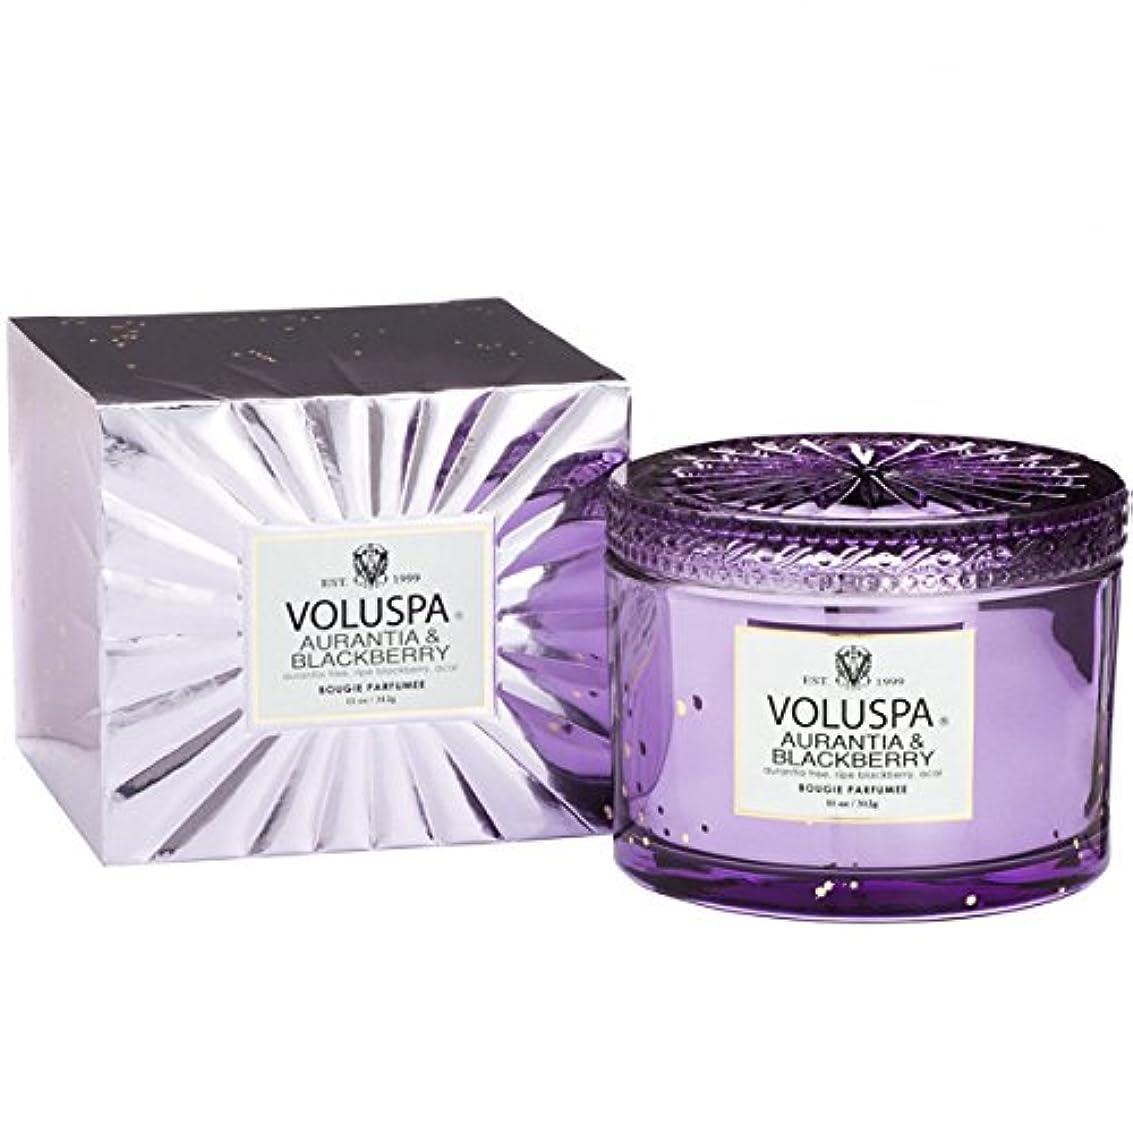 床を掃除する洗練されたしてはいけないVoluspa ボルスパ ヴァーメイル ボックス入り グラスキャンドル オーランティア&フ?ラックヘ?リー AURANTIA&BLACKBERRY VERMEIL BOX Glass Candle